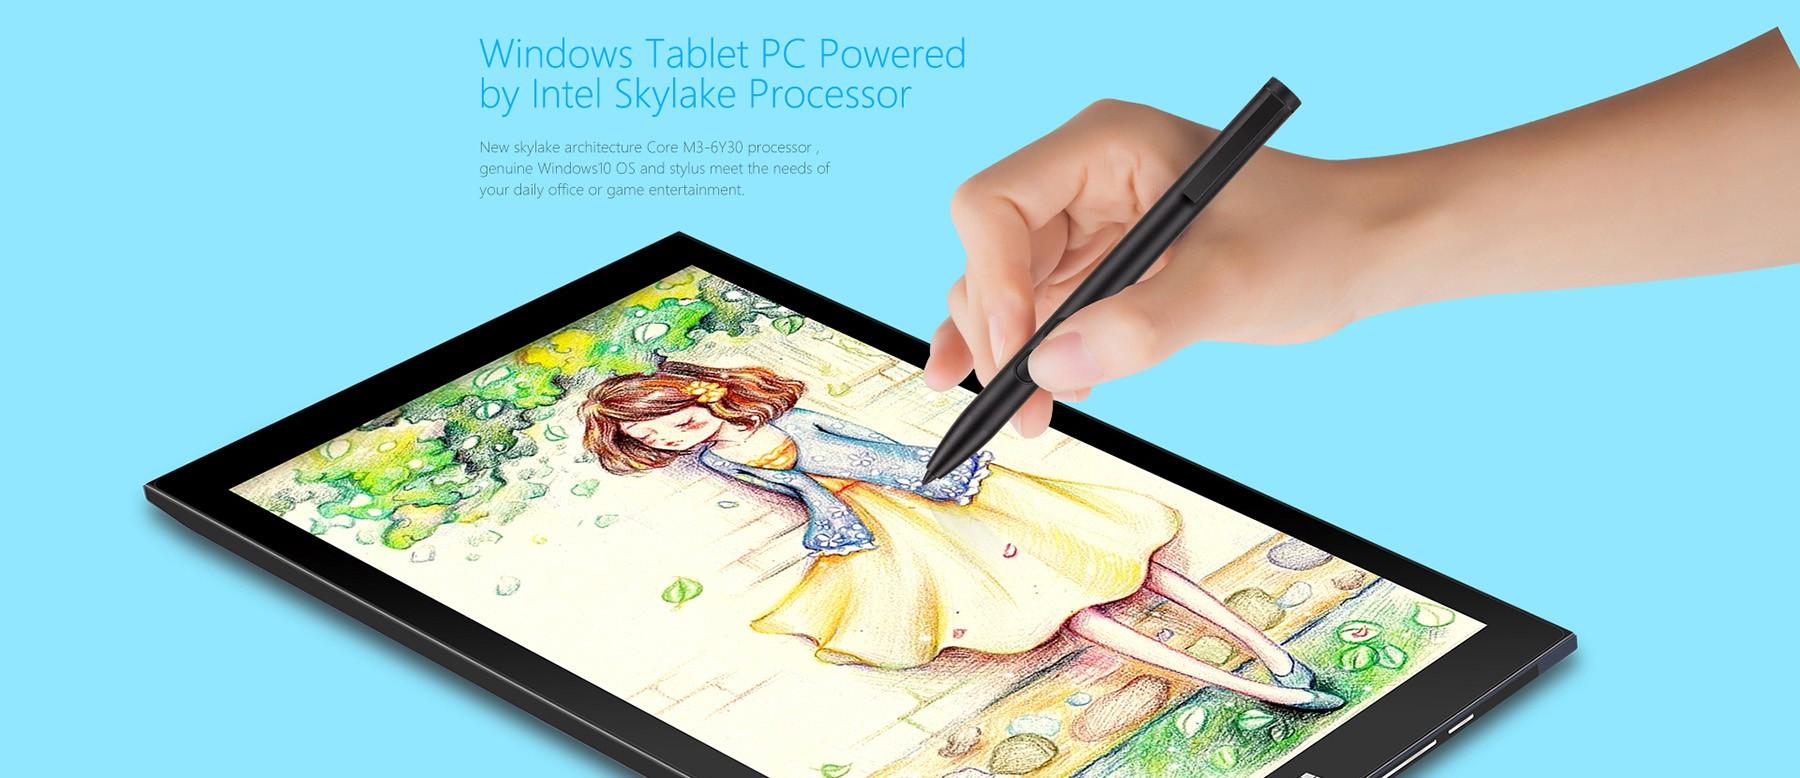 Teclast X3 Pro 2 in 1 Ultrabook Tablet PCレビュー グラボのスペックとペンタブとしての使用感のレビュー参考画像